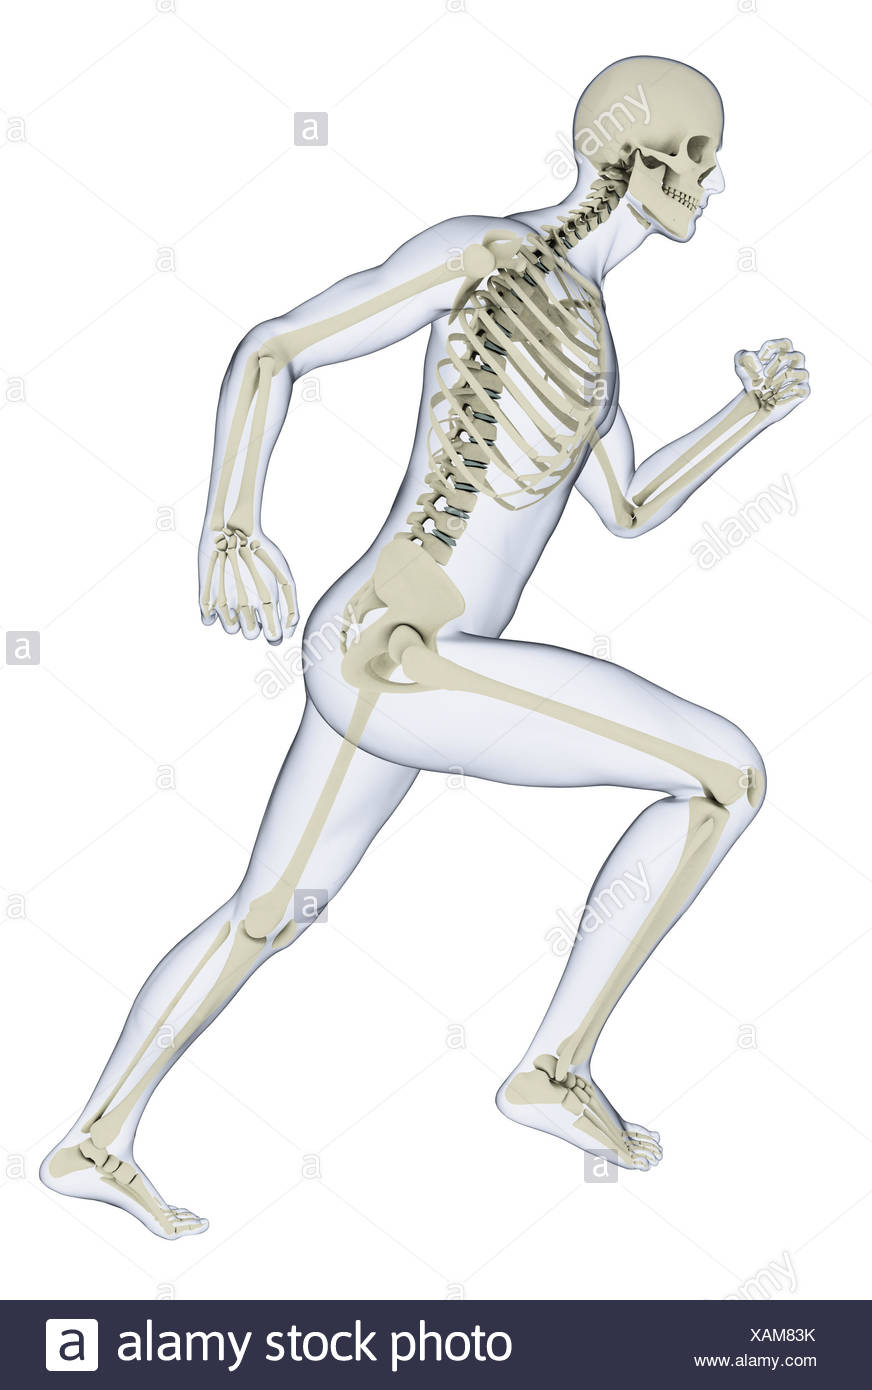 human skeleton in running position illustration stock photo